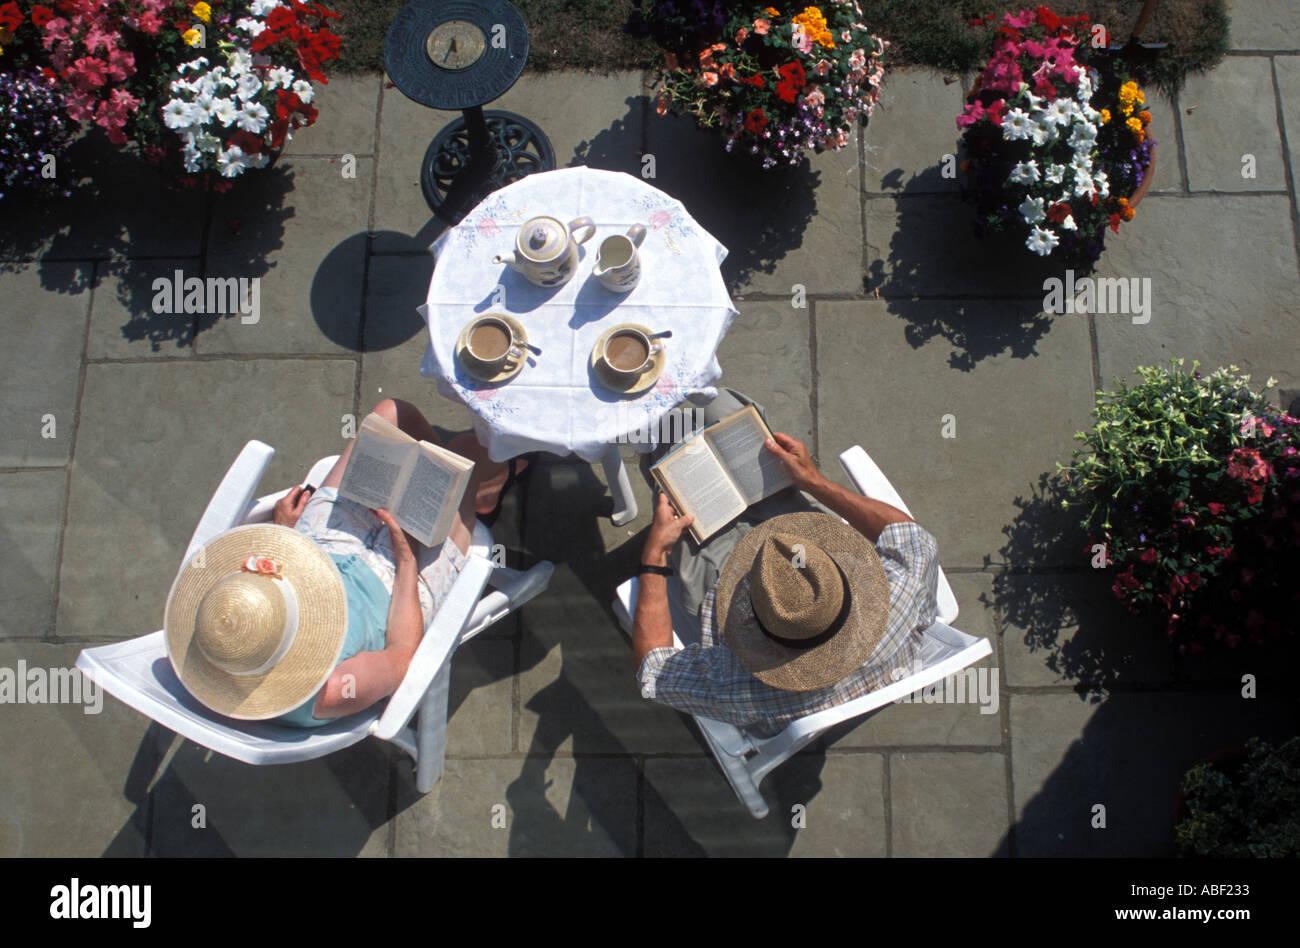 Couple drinking tea on garden patio - Stock Image